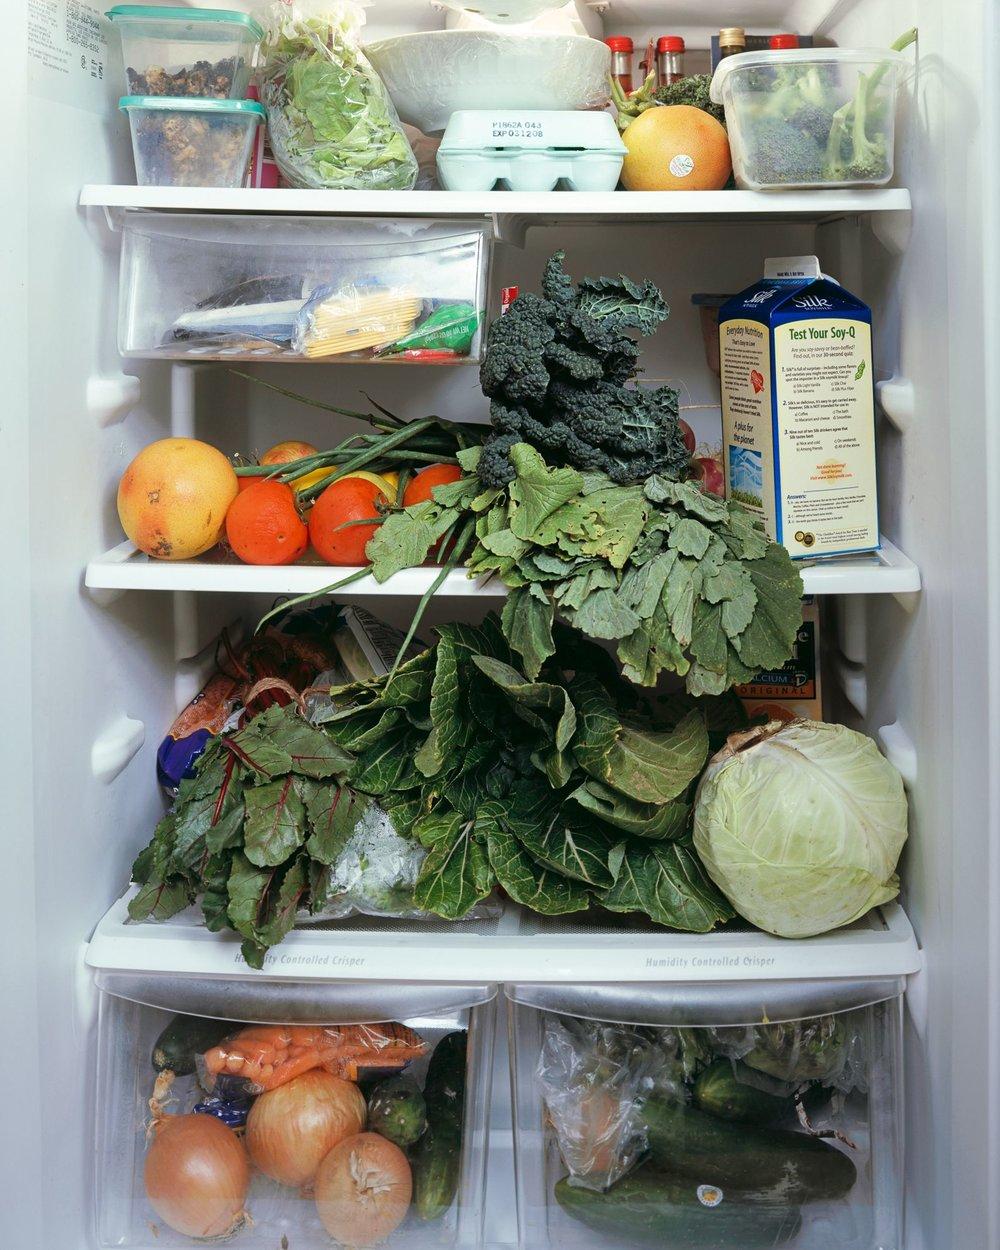 11082018_nota-refrigerador 04.jpg